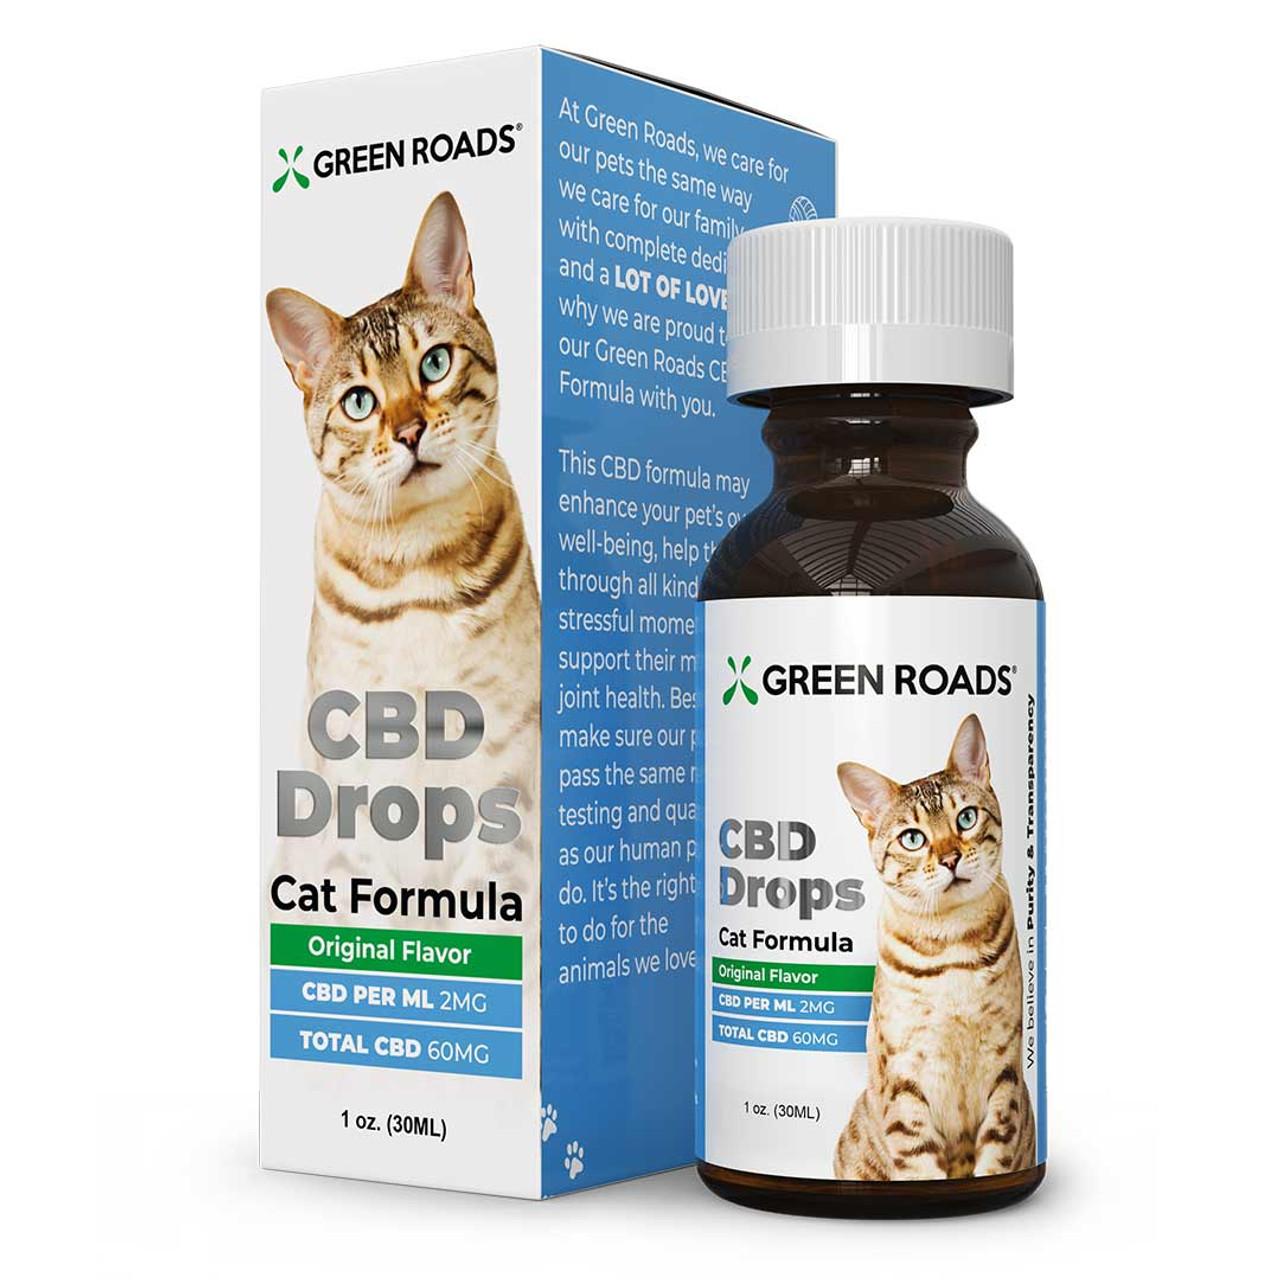 PET CBD DROPS CAT